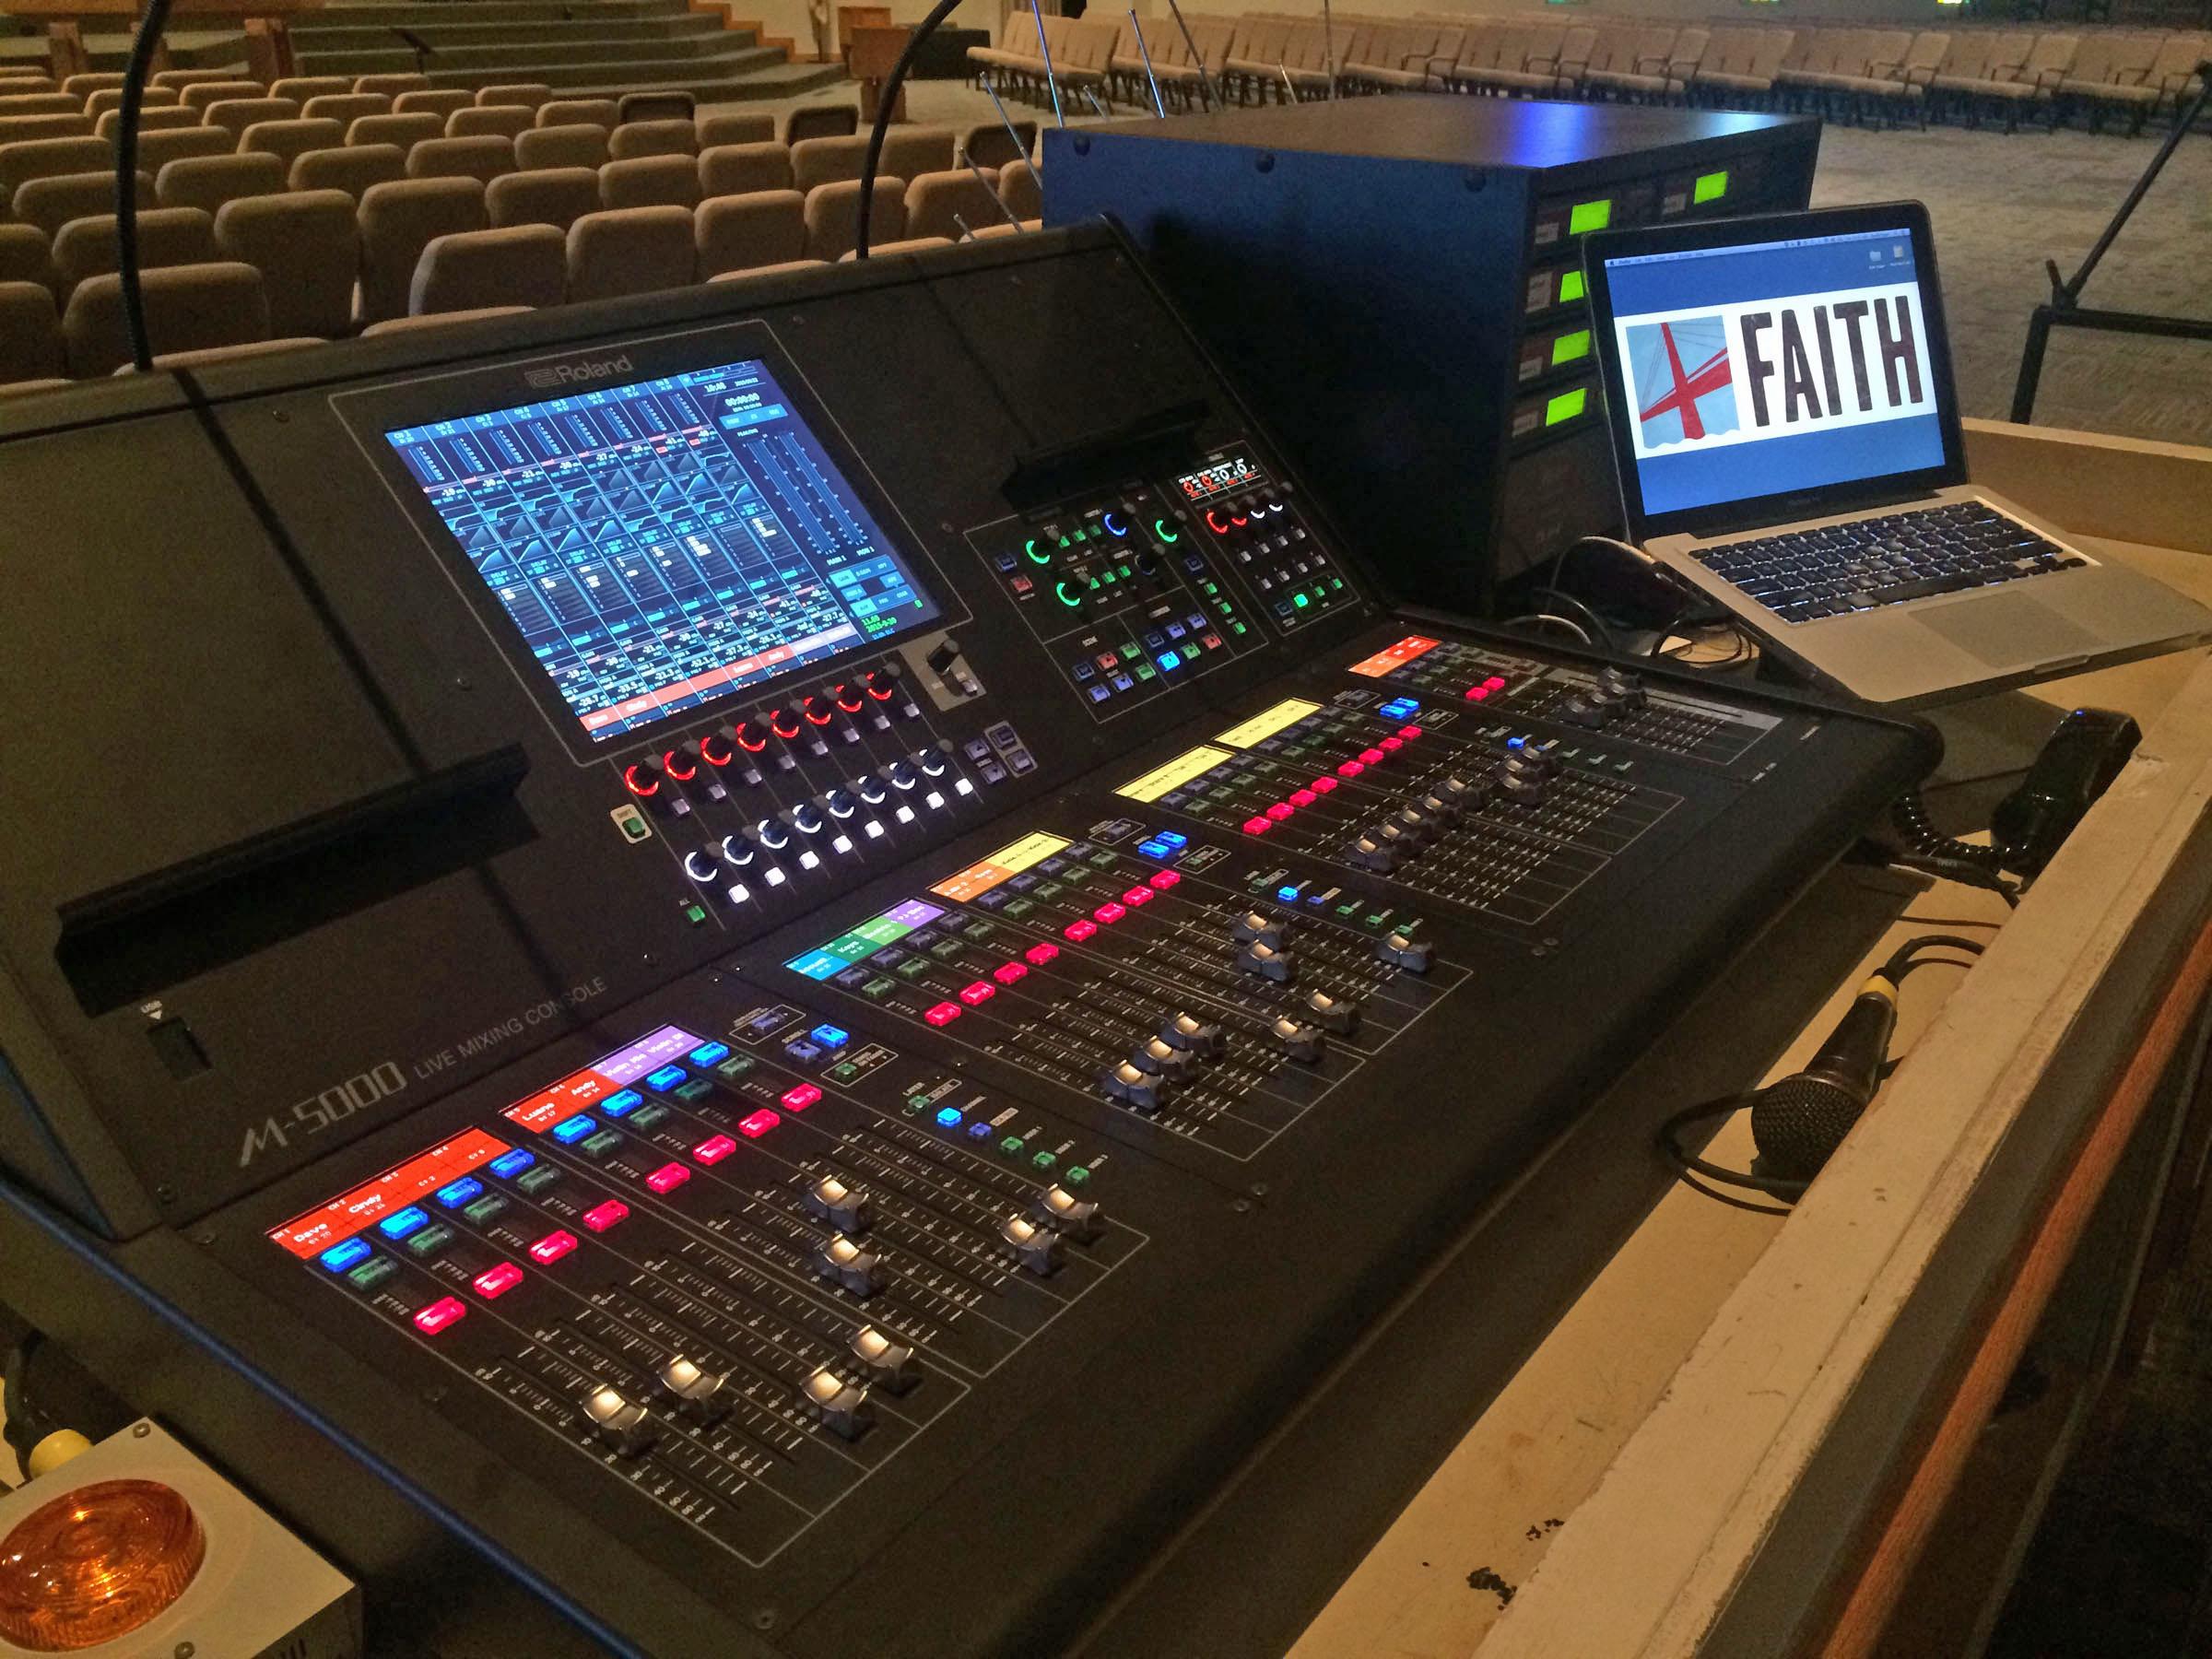 http://clynemedia.com/Roland/ProAV_FaithLutheran/Faith_Oakville_FOH.JPG